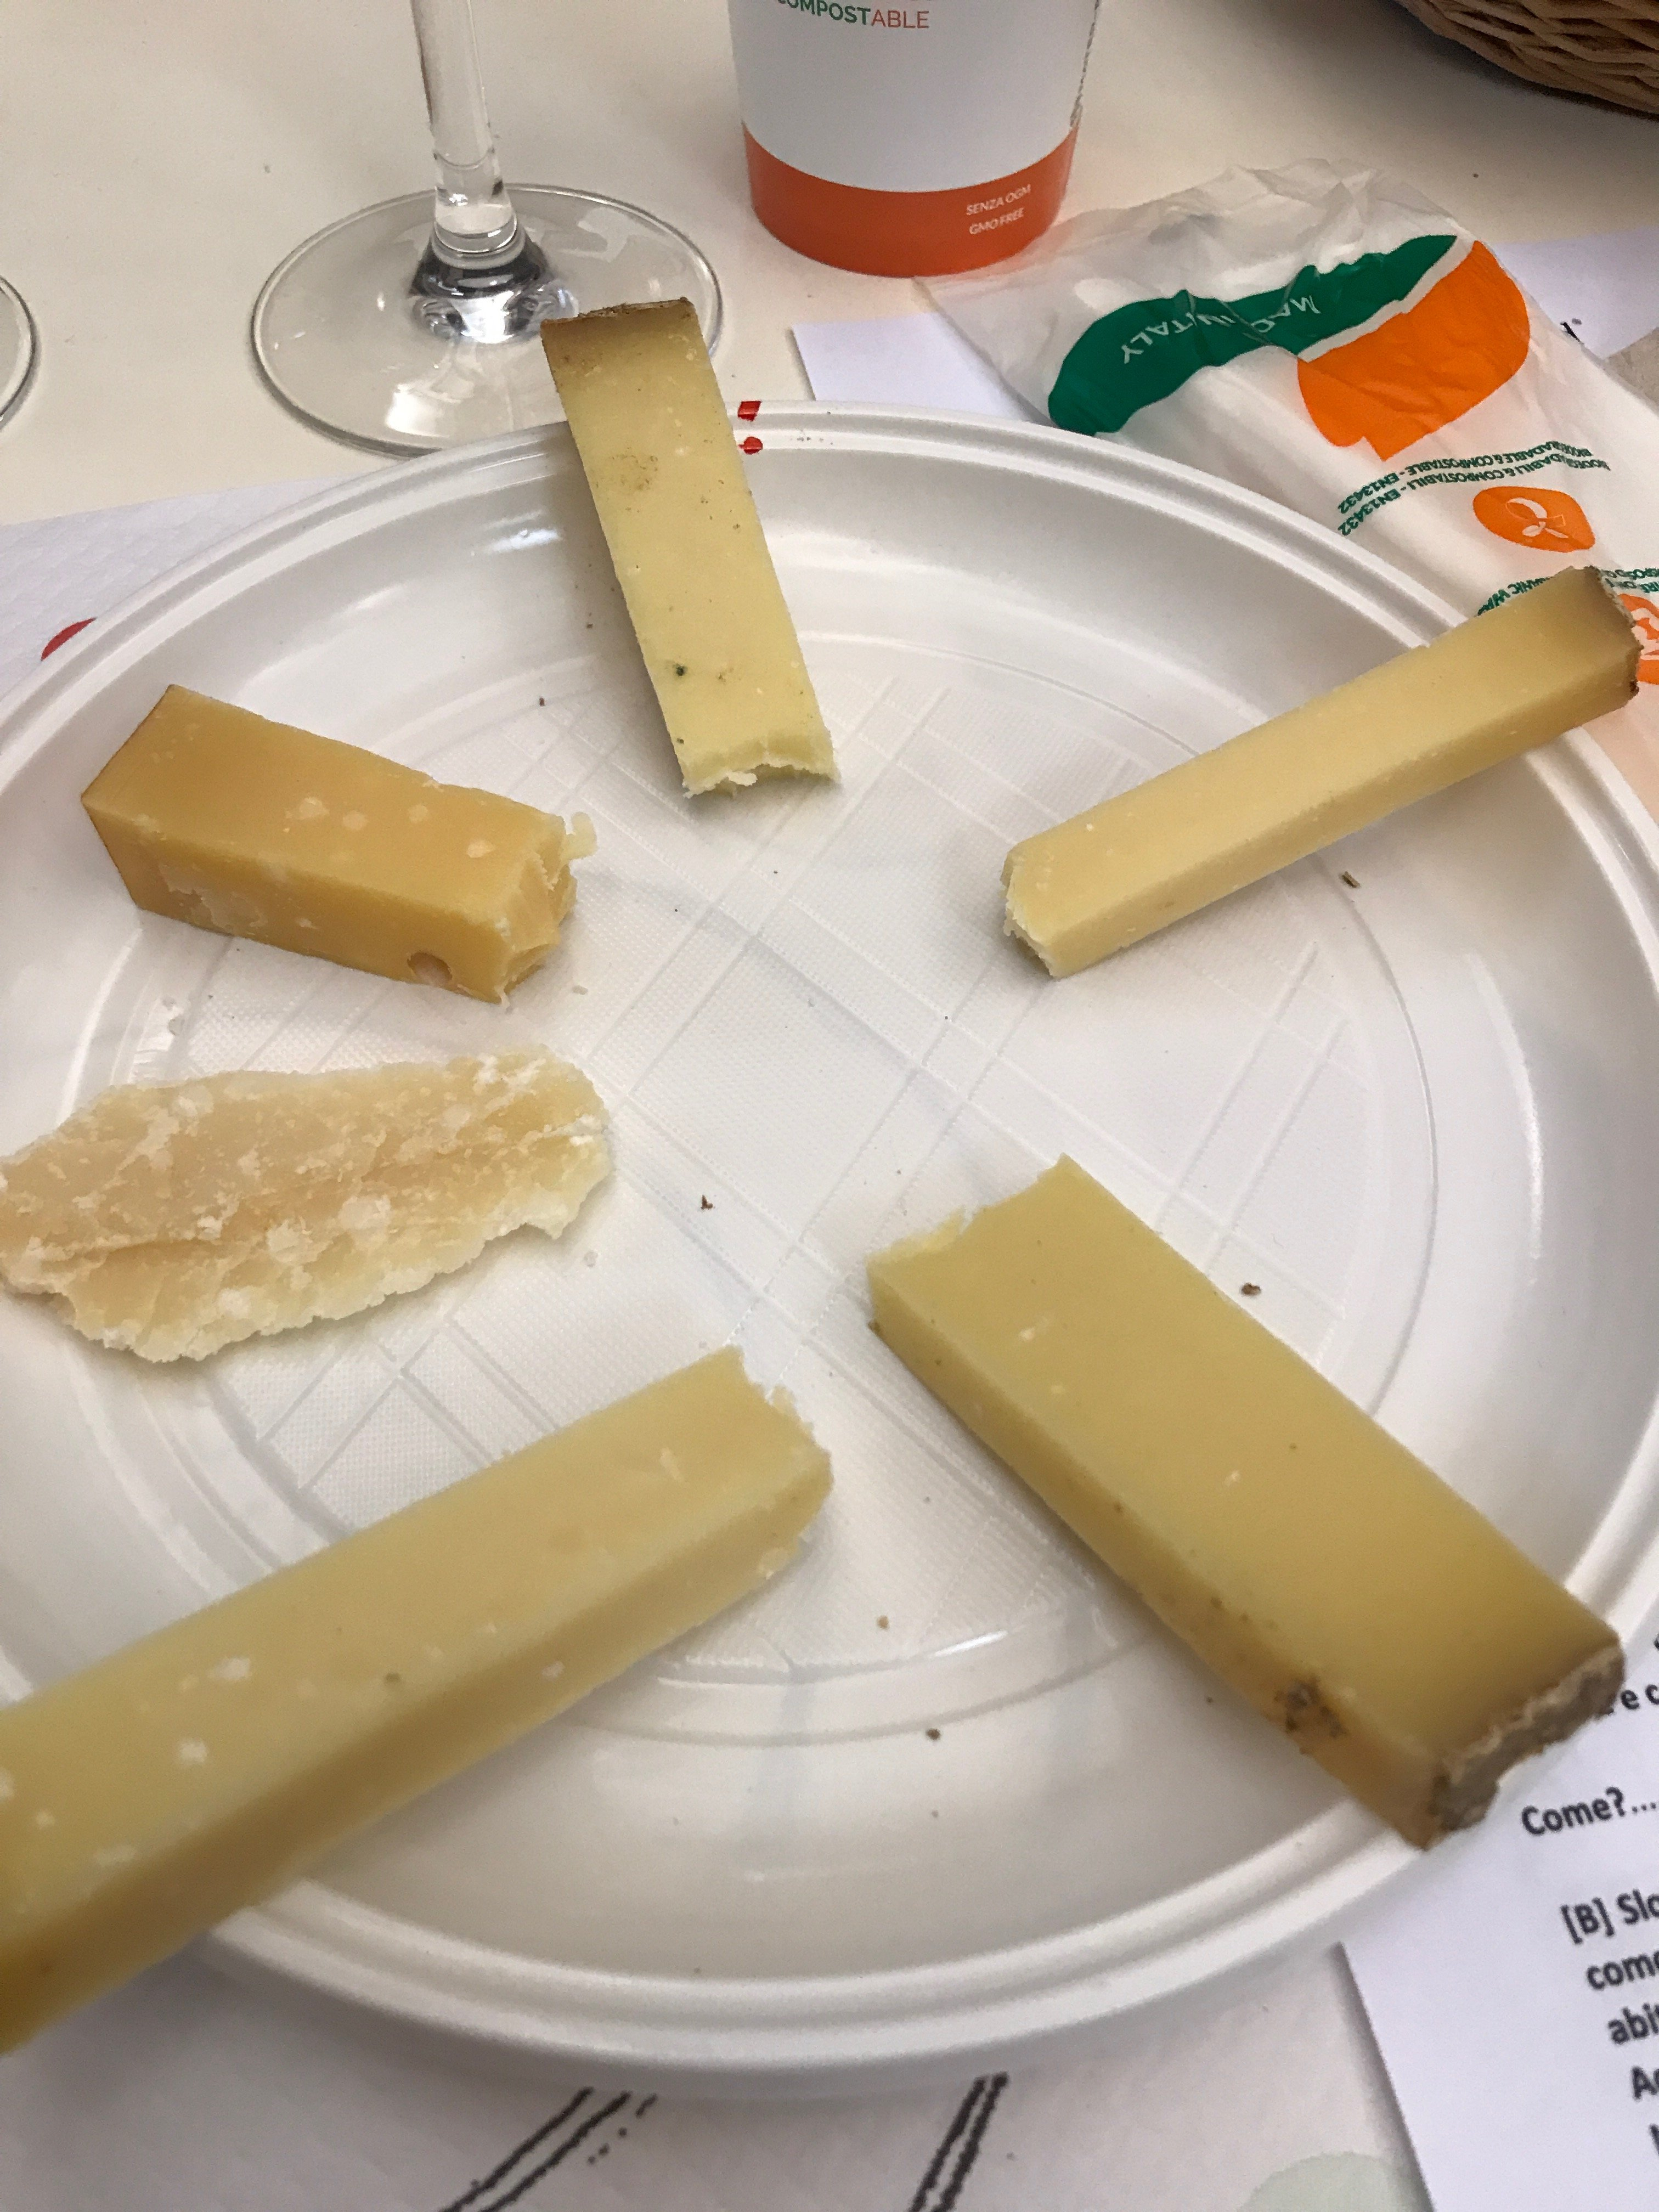 Seks faste oster på smakingen under Cheese 2017 i Bra